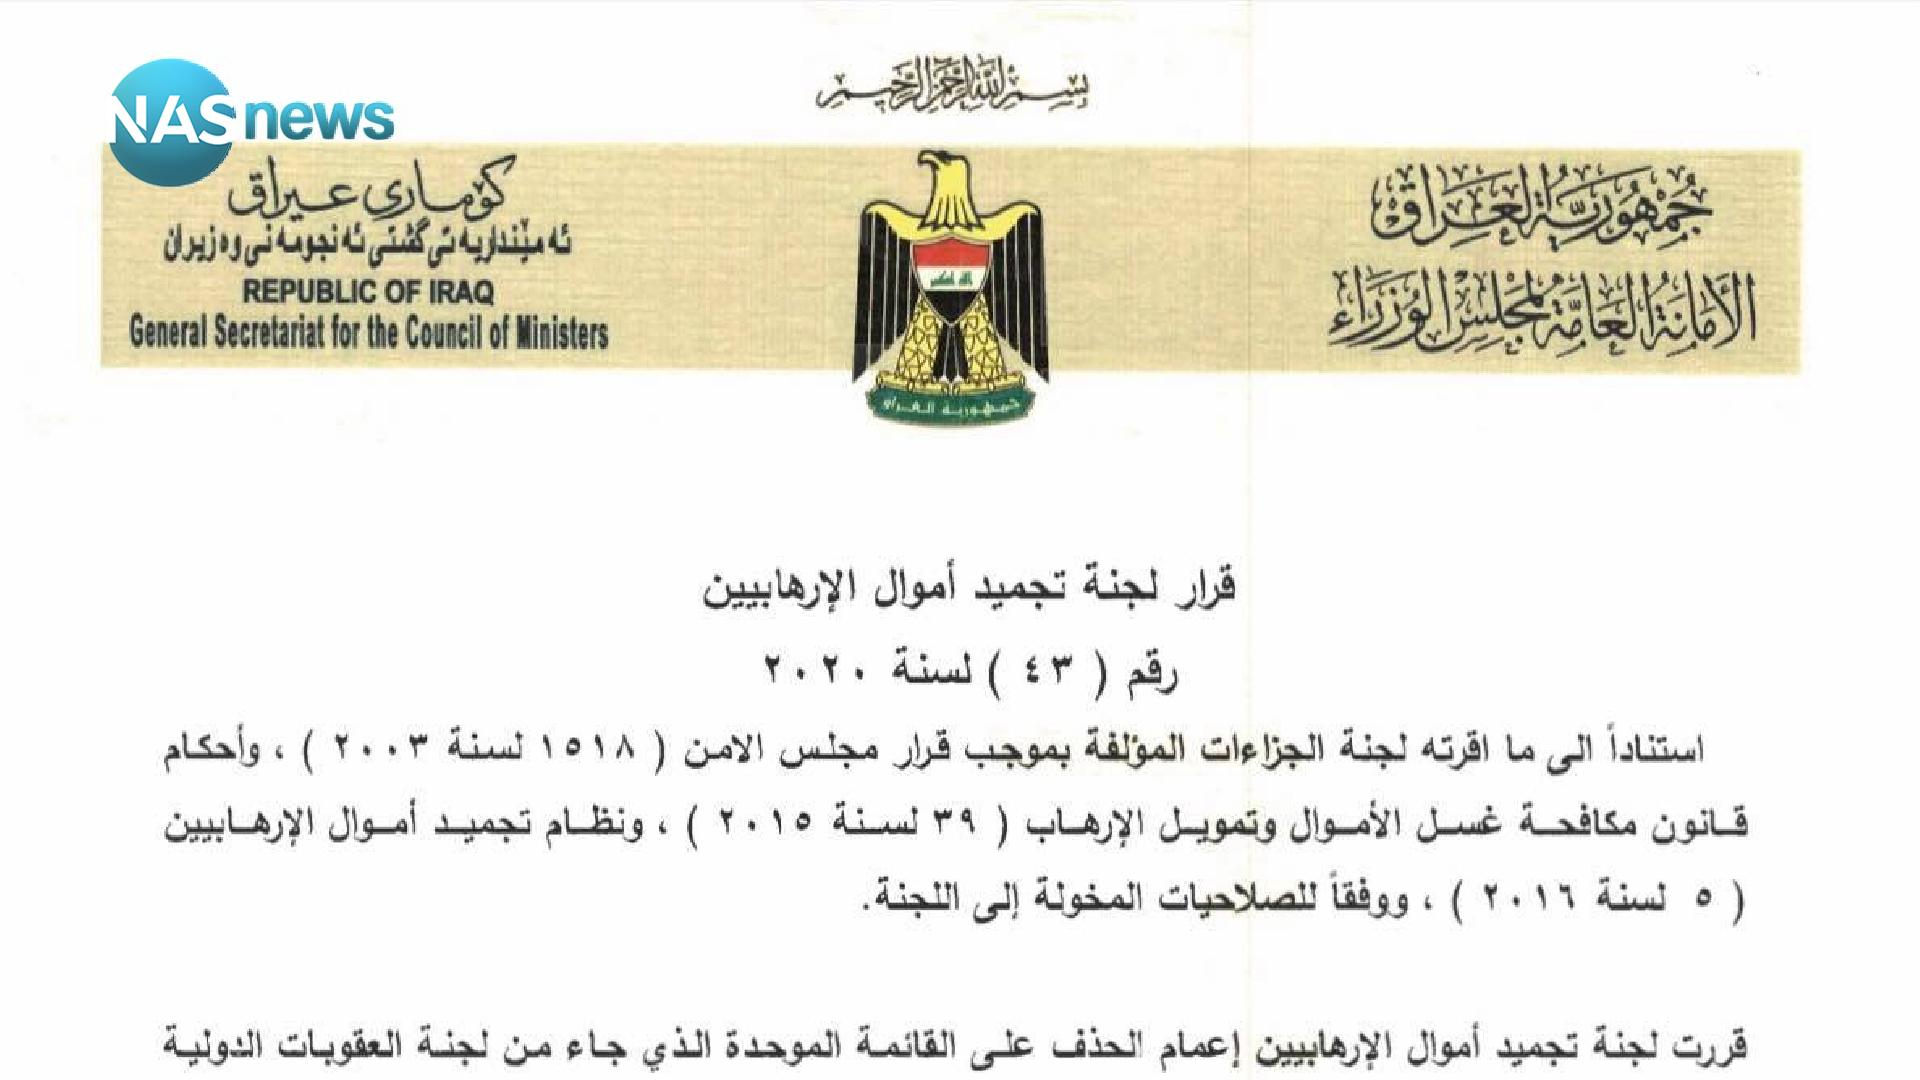 بالأسماء والوثائق: العراق يزيل 10 كيانات وشخصية من قائمة تجميد أموال الإرهابيين